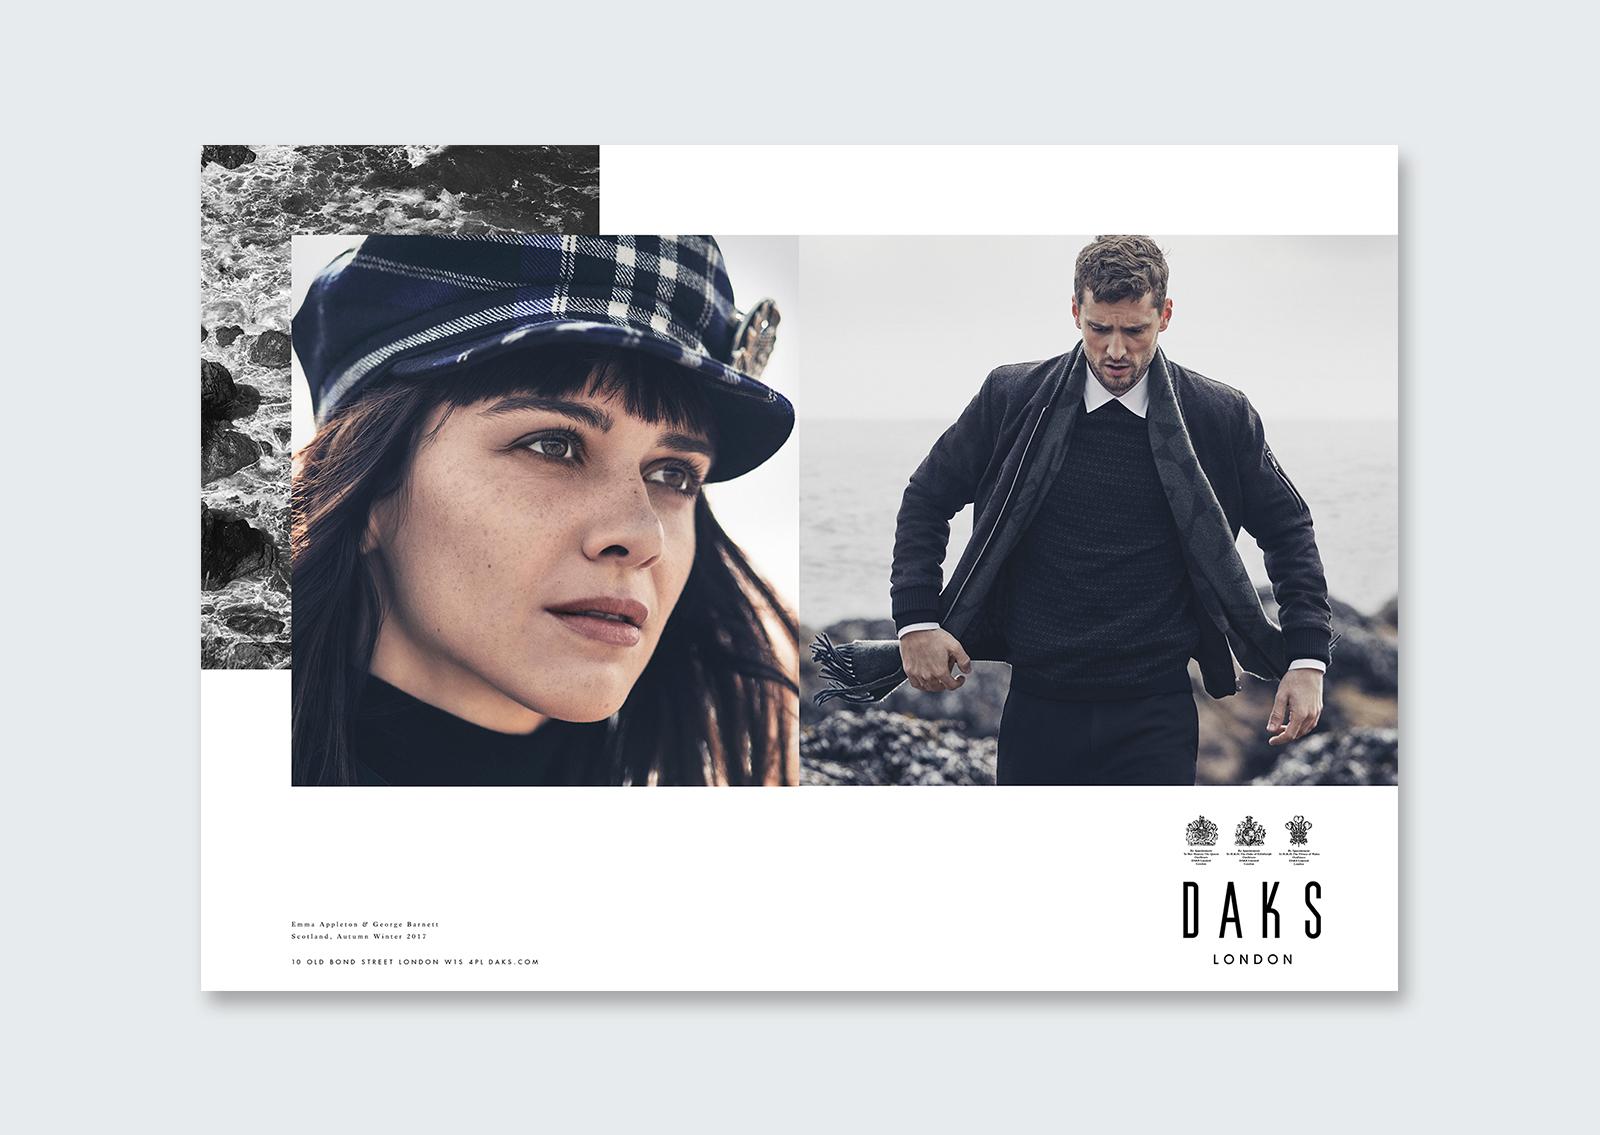 DAKS AW17 DPS ADS 1 Grey.jpg